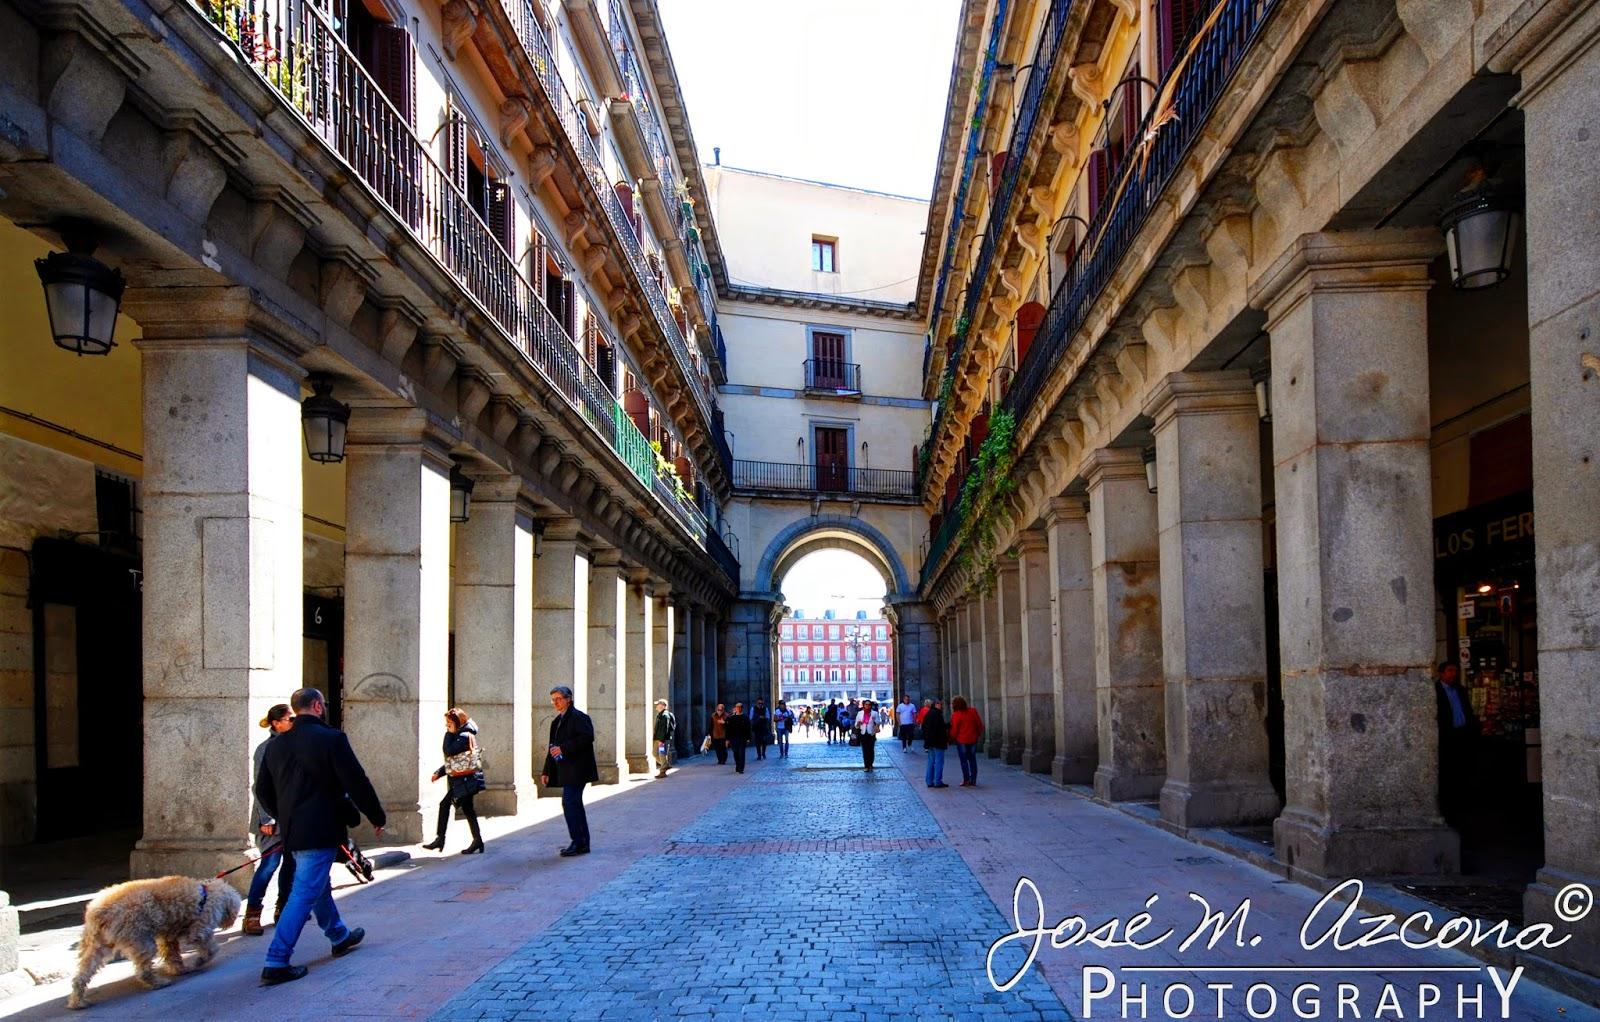 Calle de Cuidad Rodrigo. Al fondo, la plaza Mayor